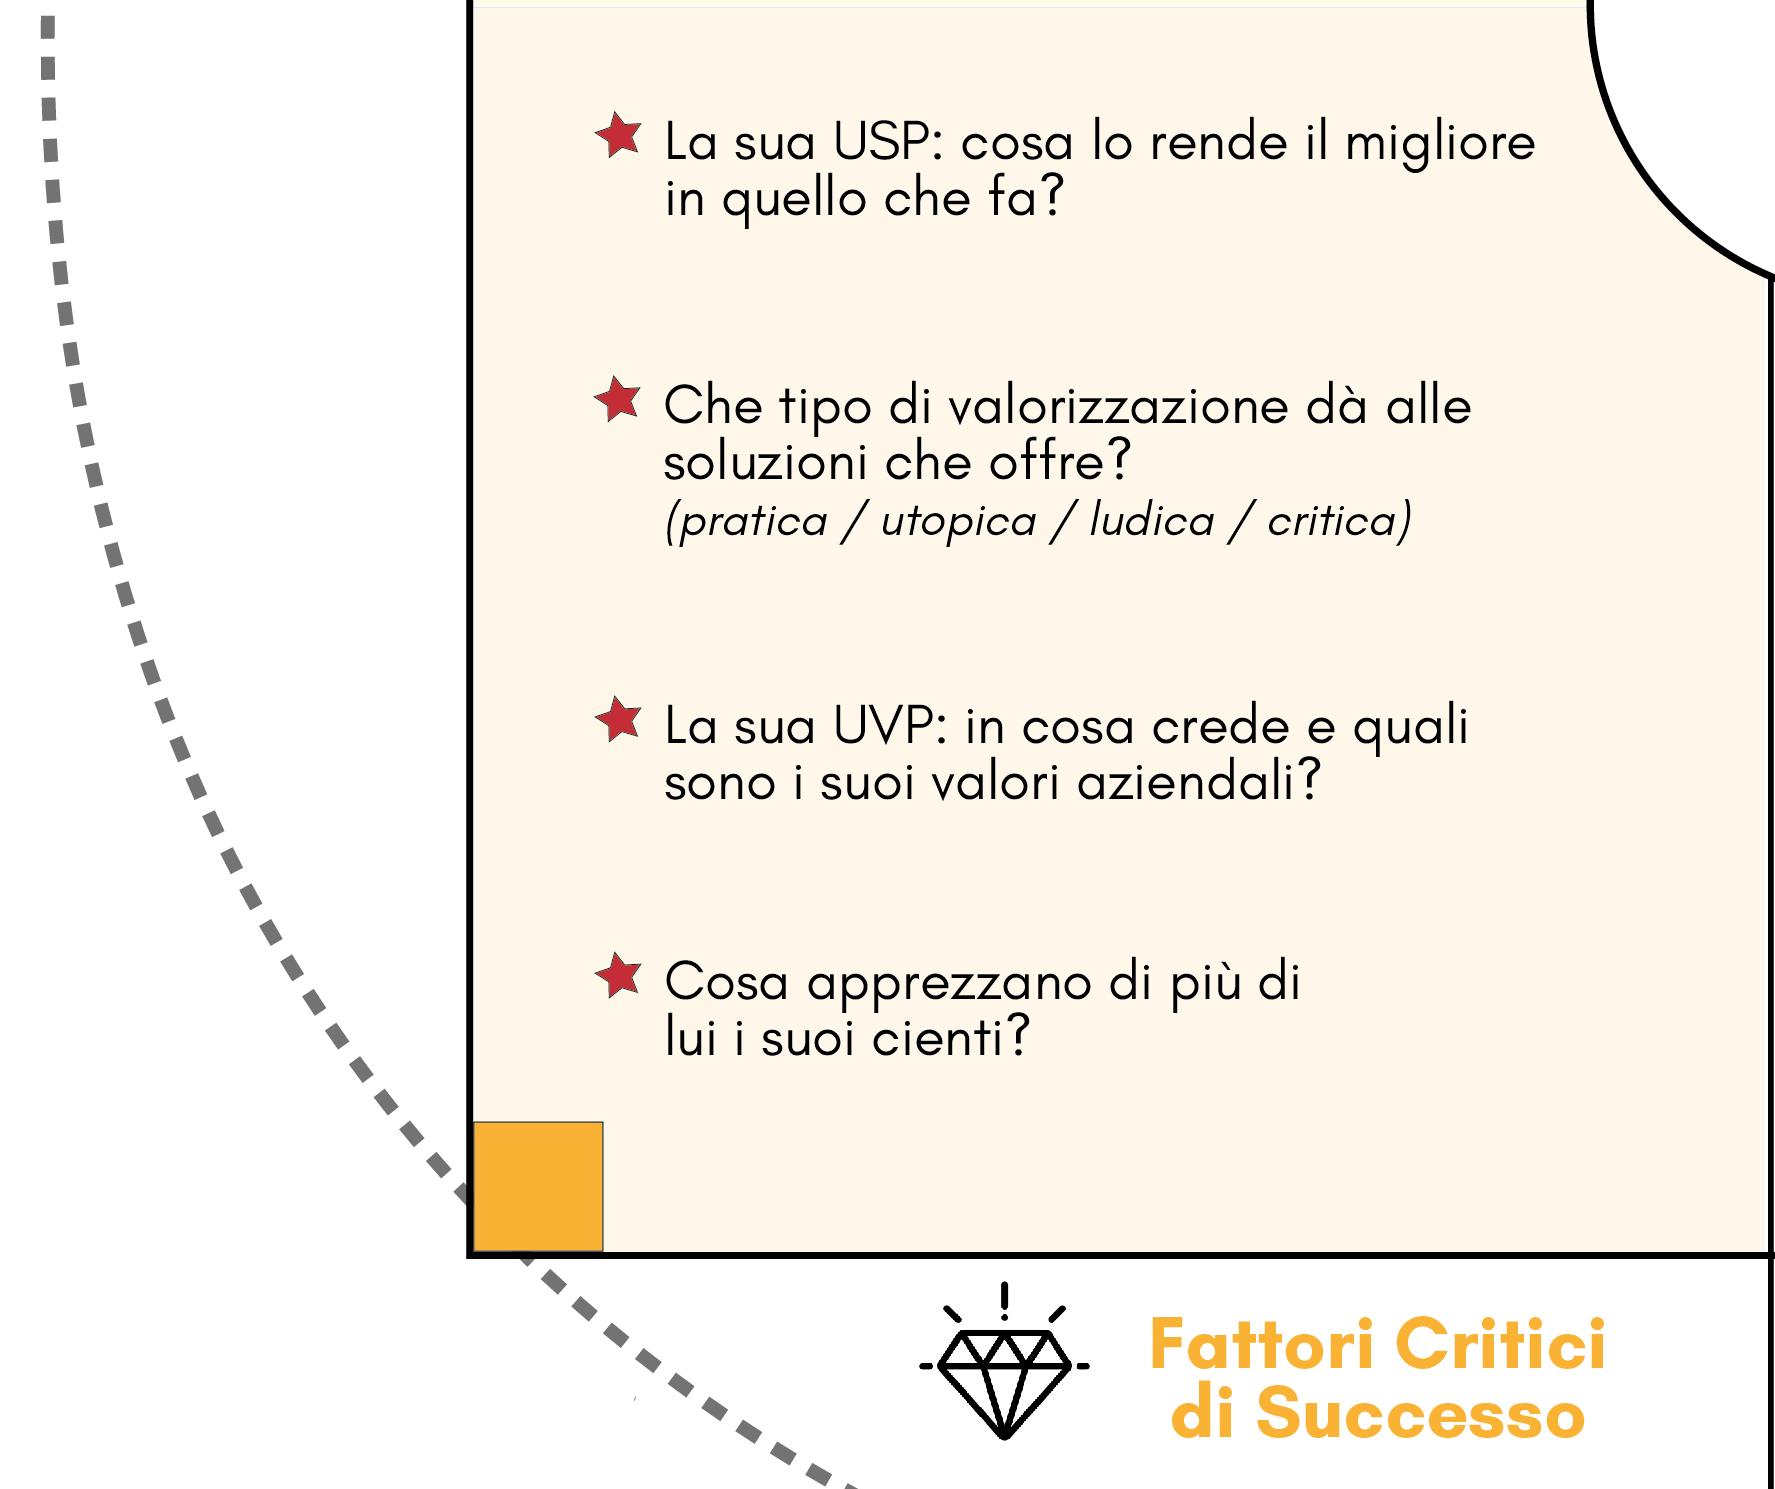 quadrante Fattori Critici di Successo del modello Competitor Personas